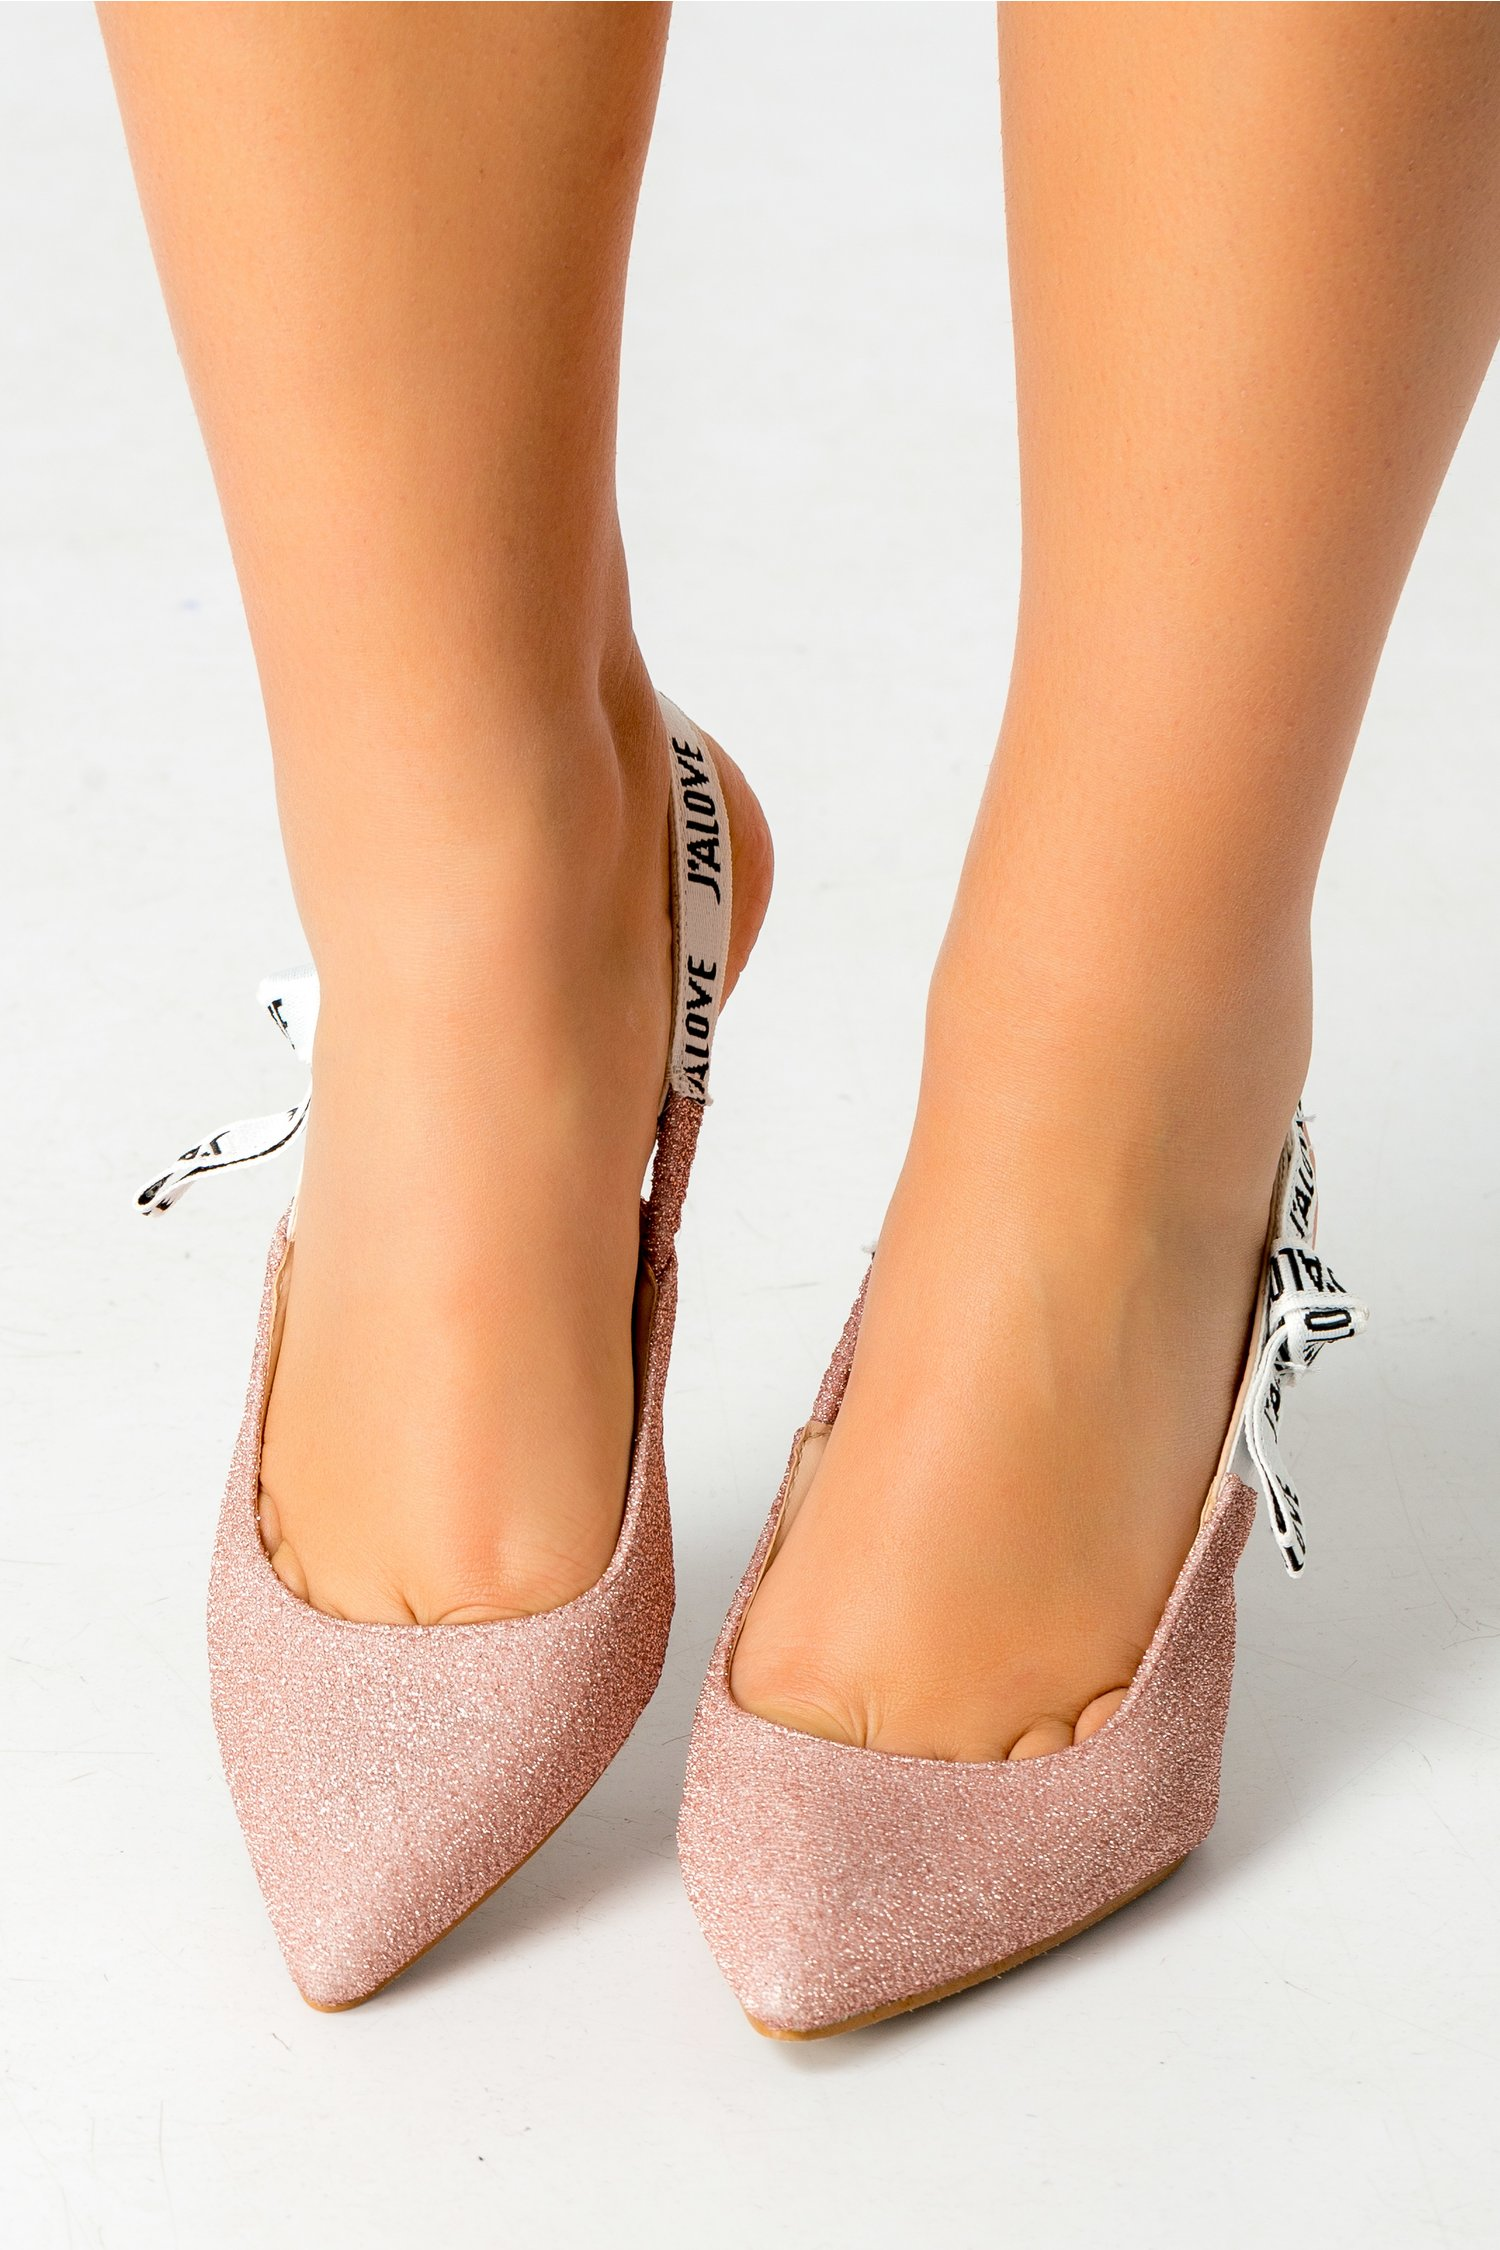 Pantofi Love roz cu sclipici